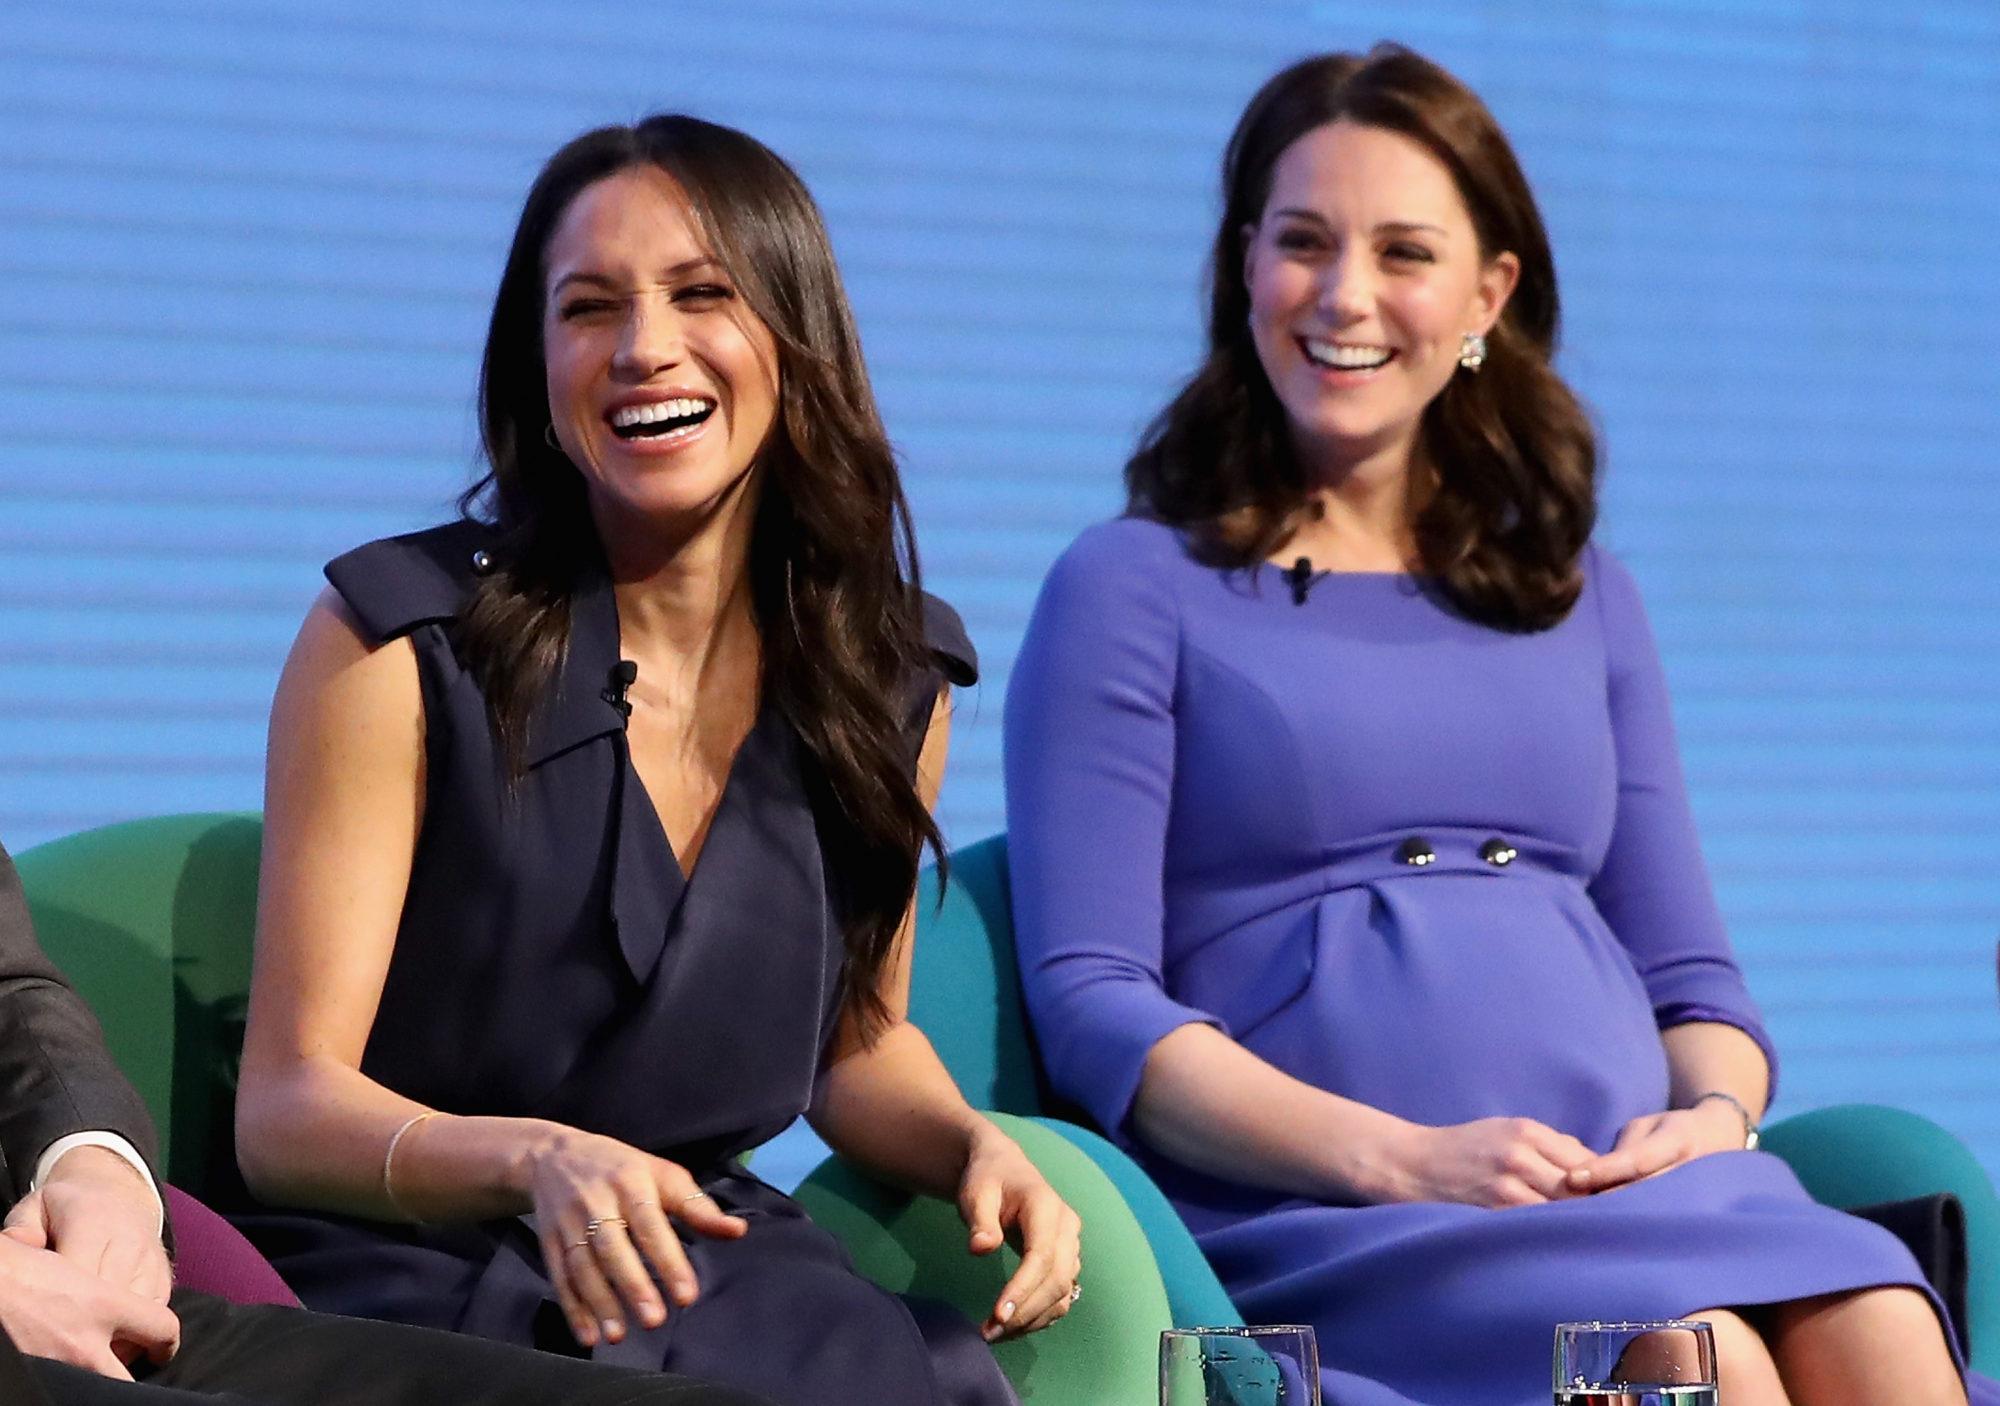 Кейт Миддлтон и Меган Маркл выглядят вместе, словно мать и дочь